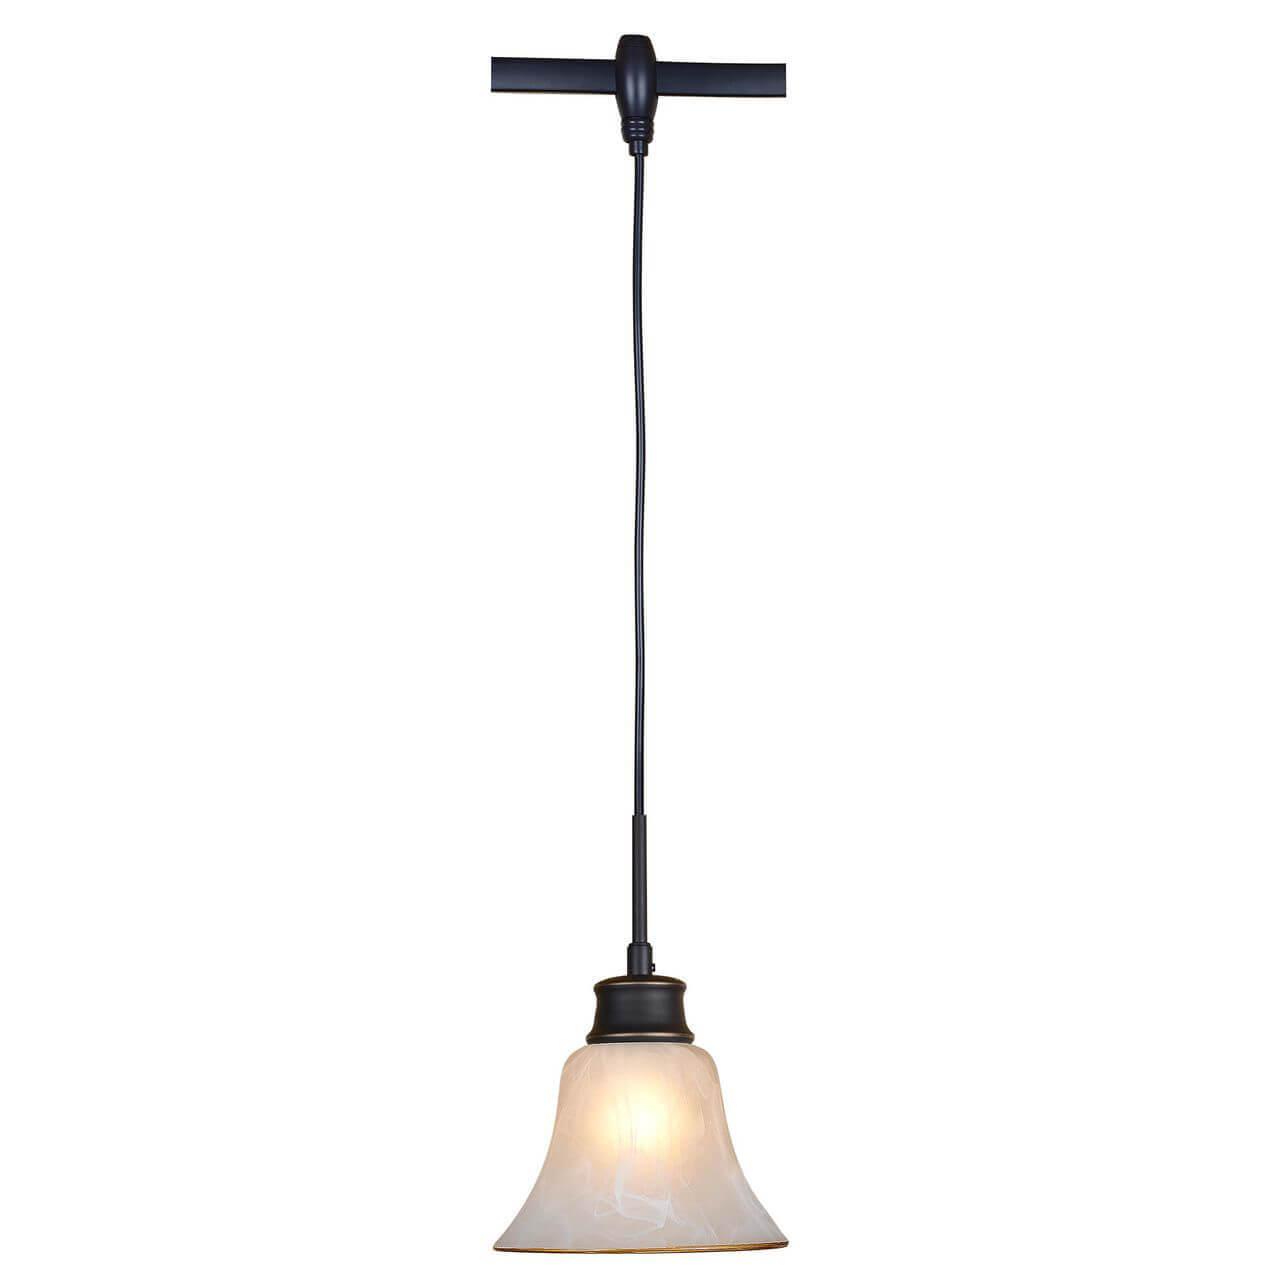 Светильник Citilux CL560215 Классик Коричневый фото